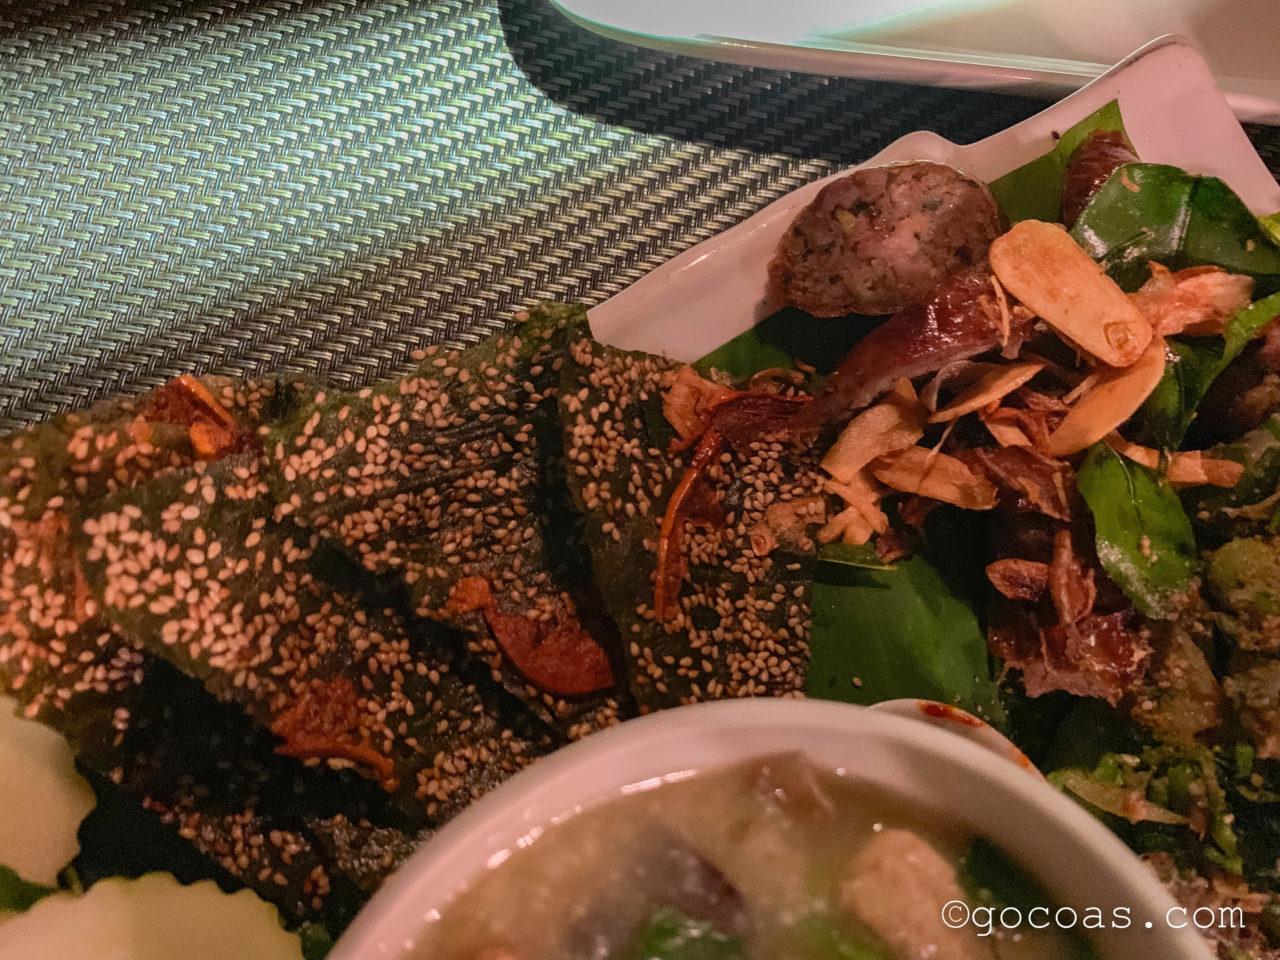 Tamarindで食べたカイペーン